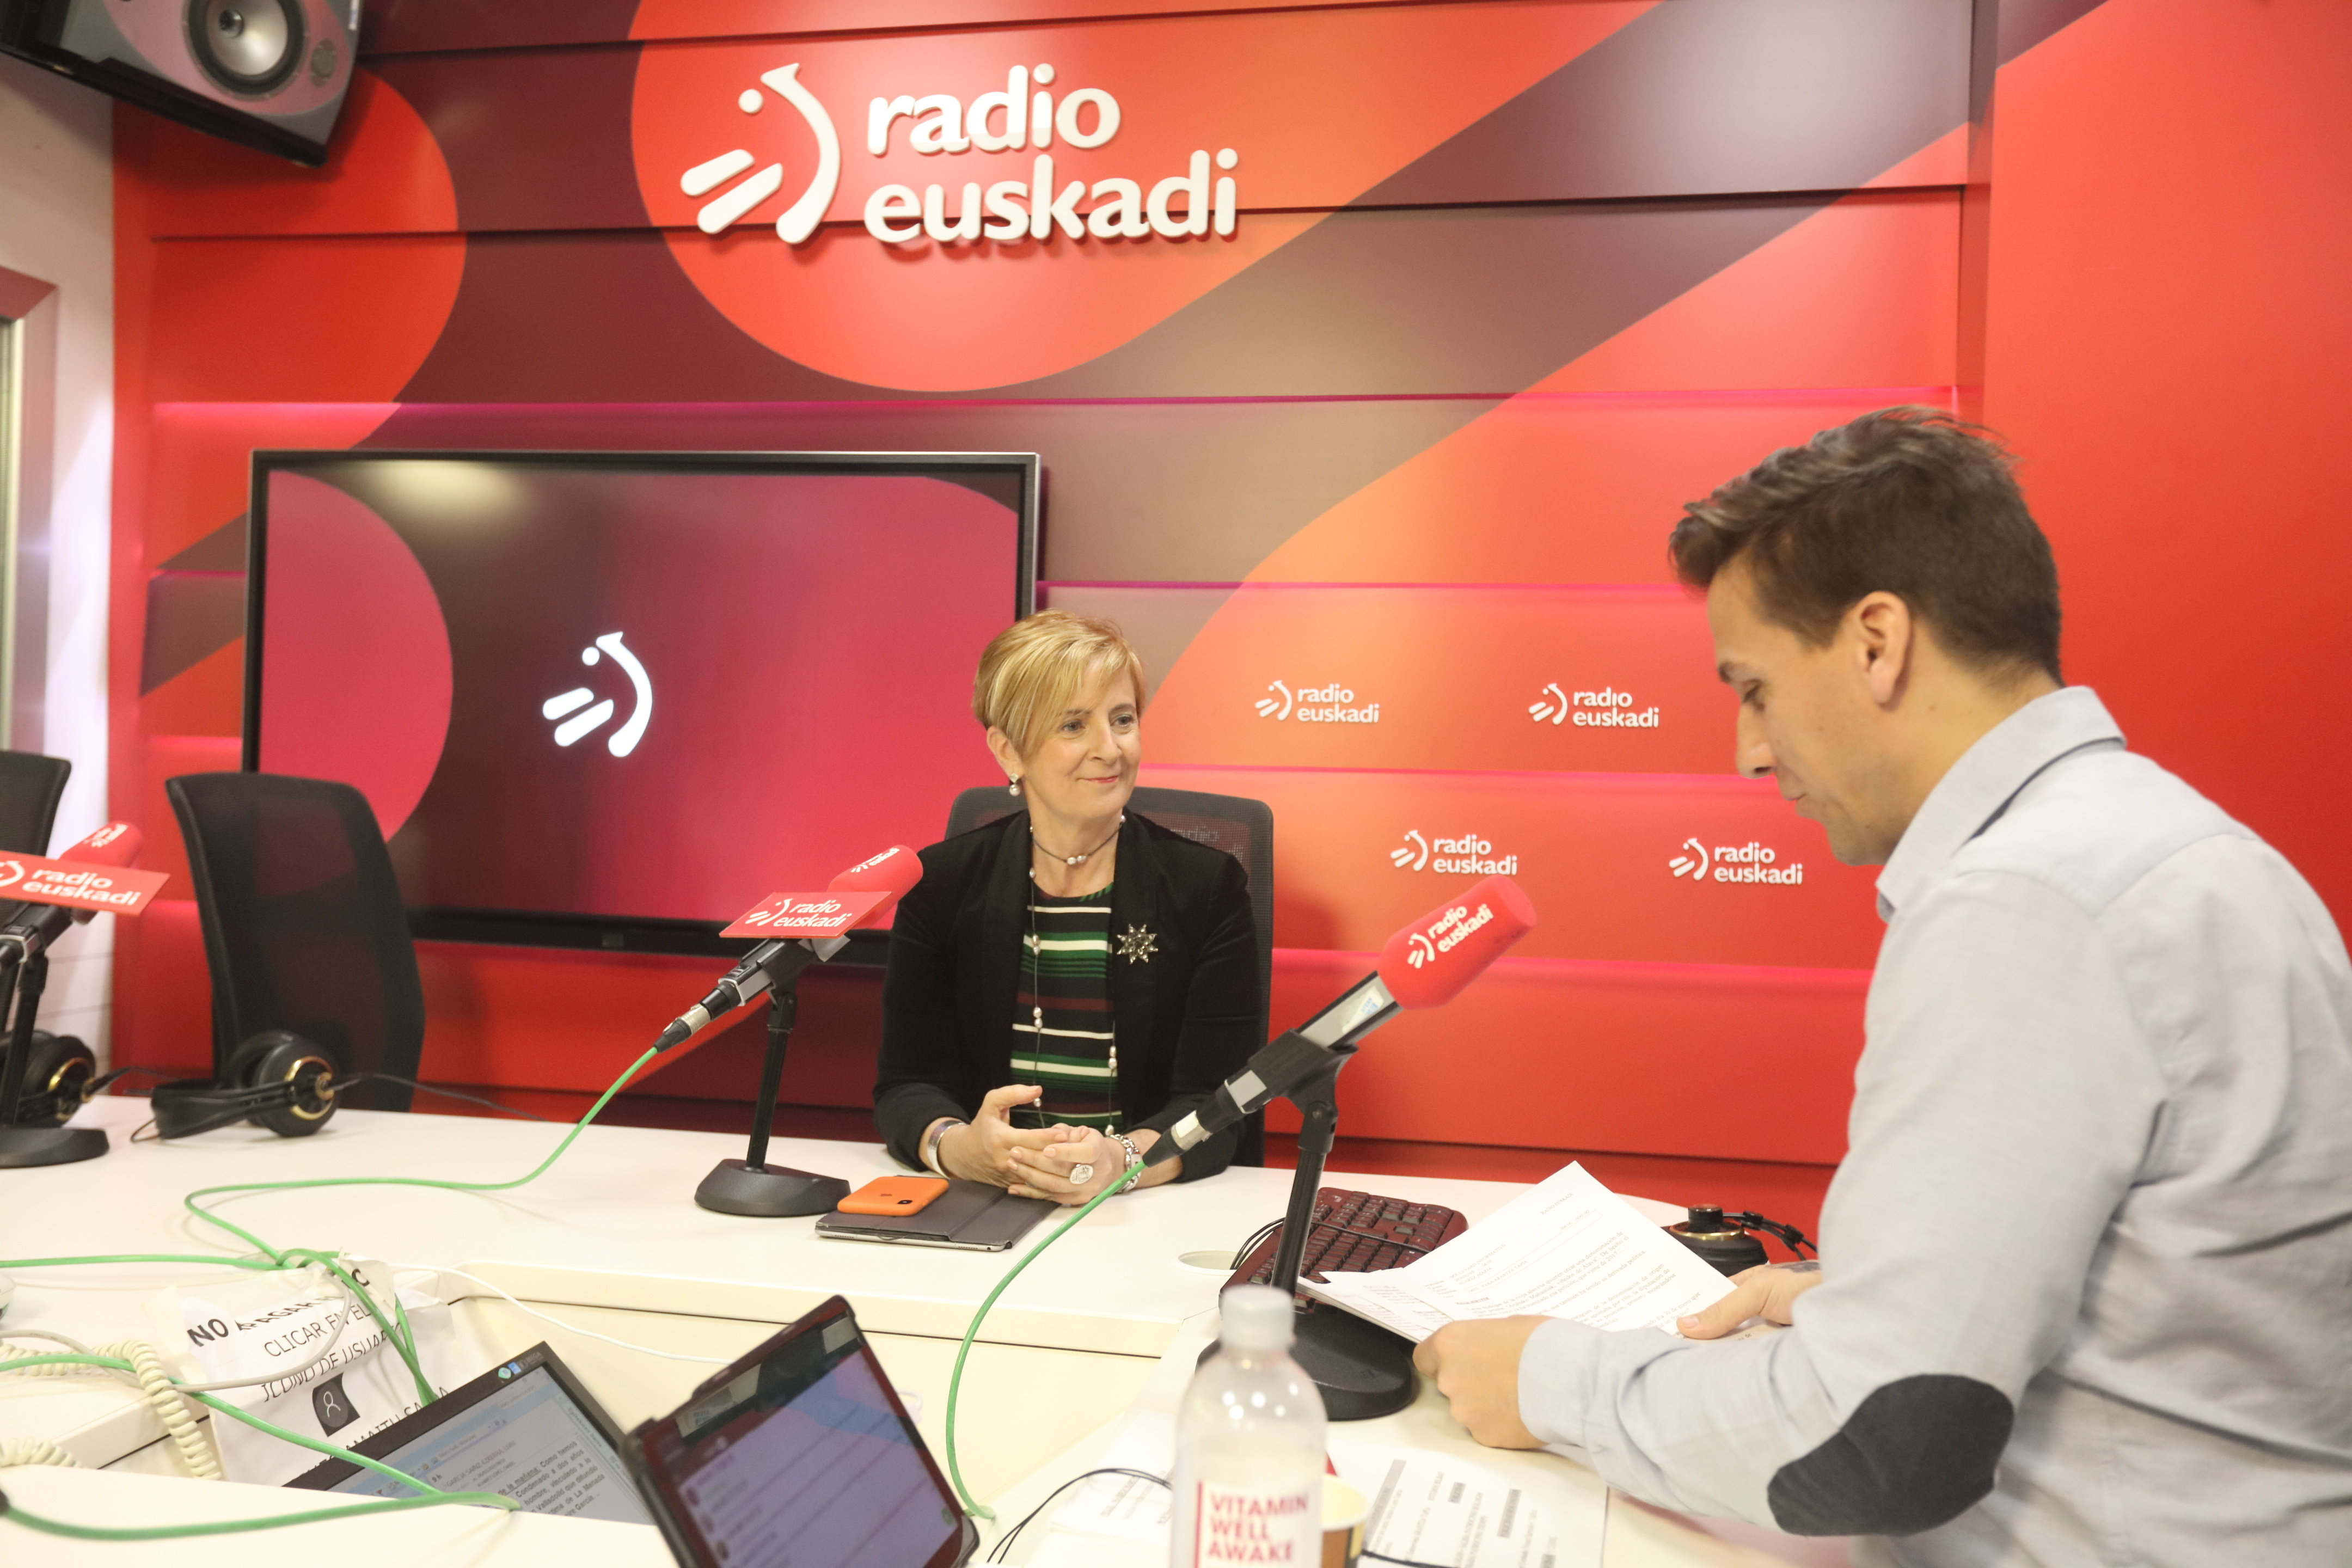 TapiaRadioEuskadi_001.JPG